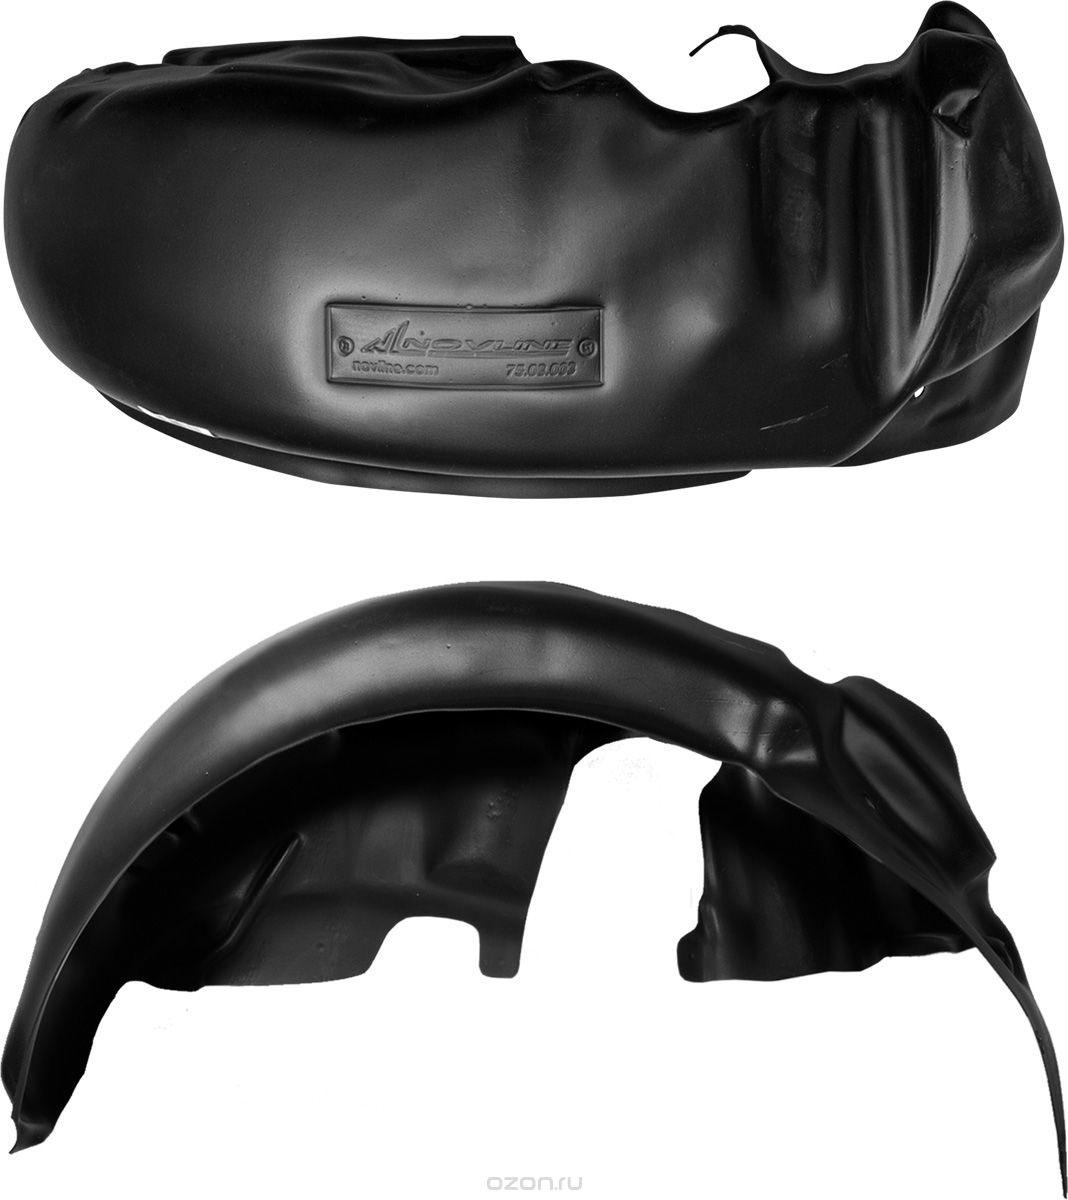 Подкрылок Novline-Autofamily, для TOYOTA Highlander, 2013->, задний правый42803002Идеальная защита колесной ниши. Локеры разработаны с применением цифровых технологий, гарантируют максимальную повторяемость поверхности арки. Изделия устанавливаются без нарушения лакокрасочного покрытия автомобиля, каждый подкрылок комплектуется крепежом. Уважаемые клиенты, обращаем ваше внимание, что фотографии на подкрылки универсальные и не отражают реальную форму изделия. При этом само изделие идет точно под размер указанного автомобиля.